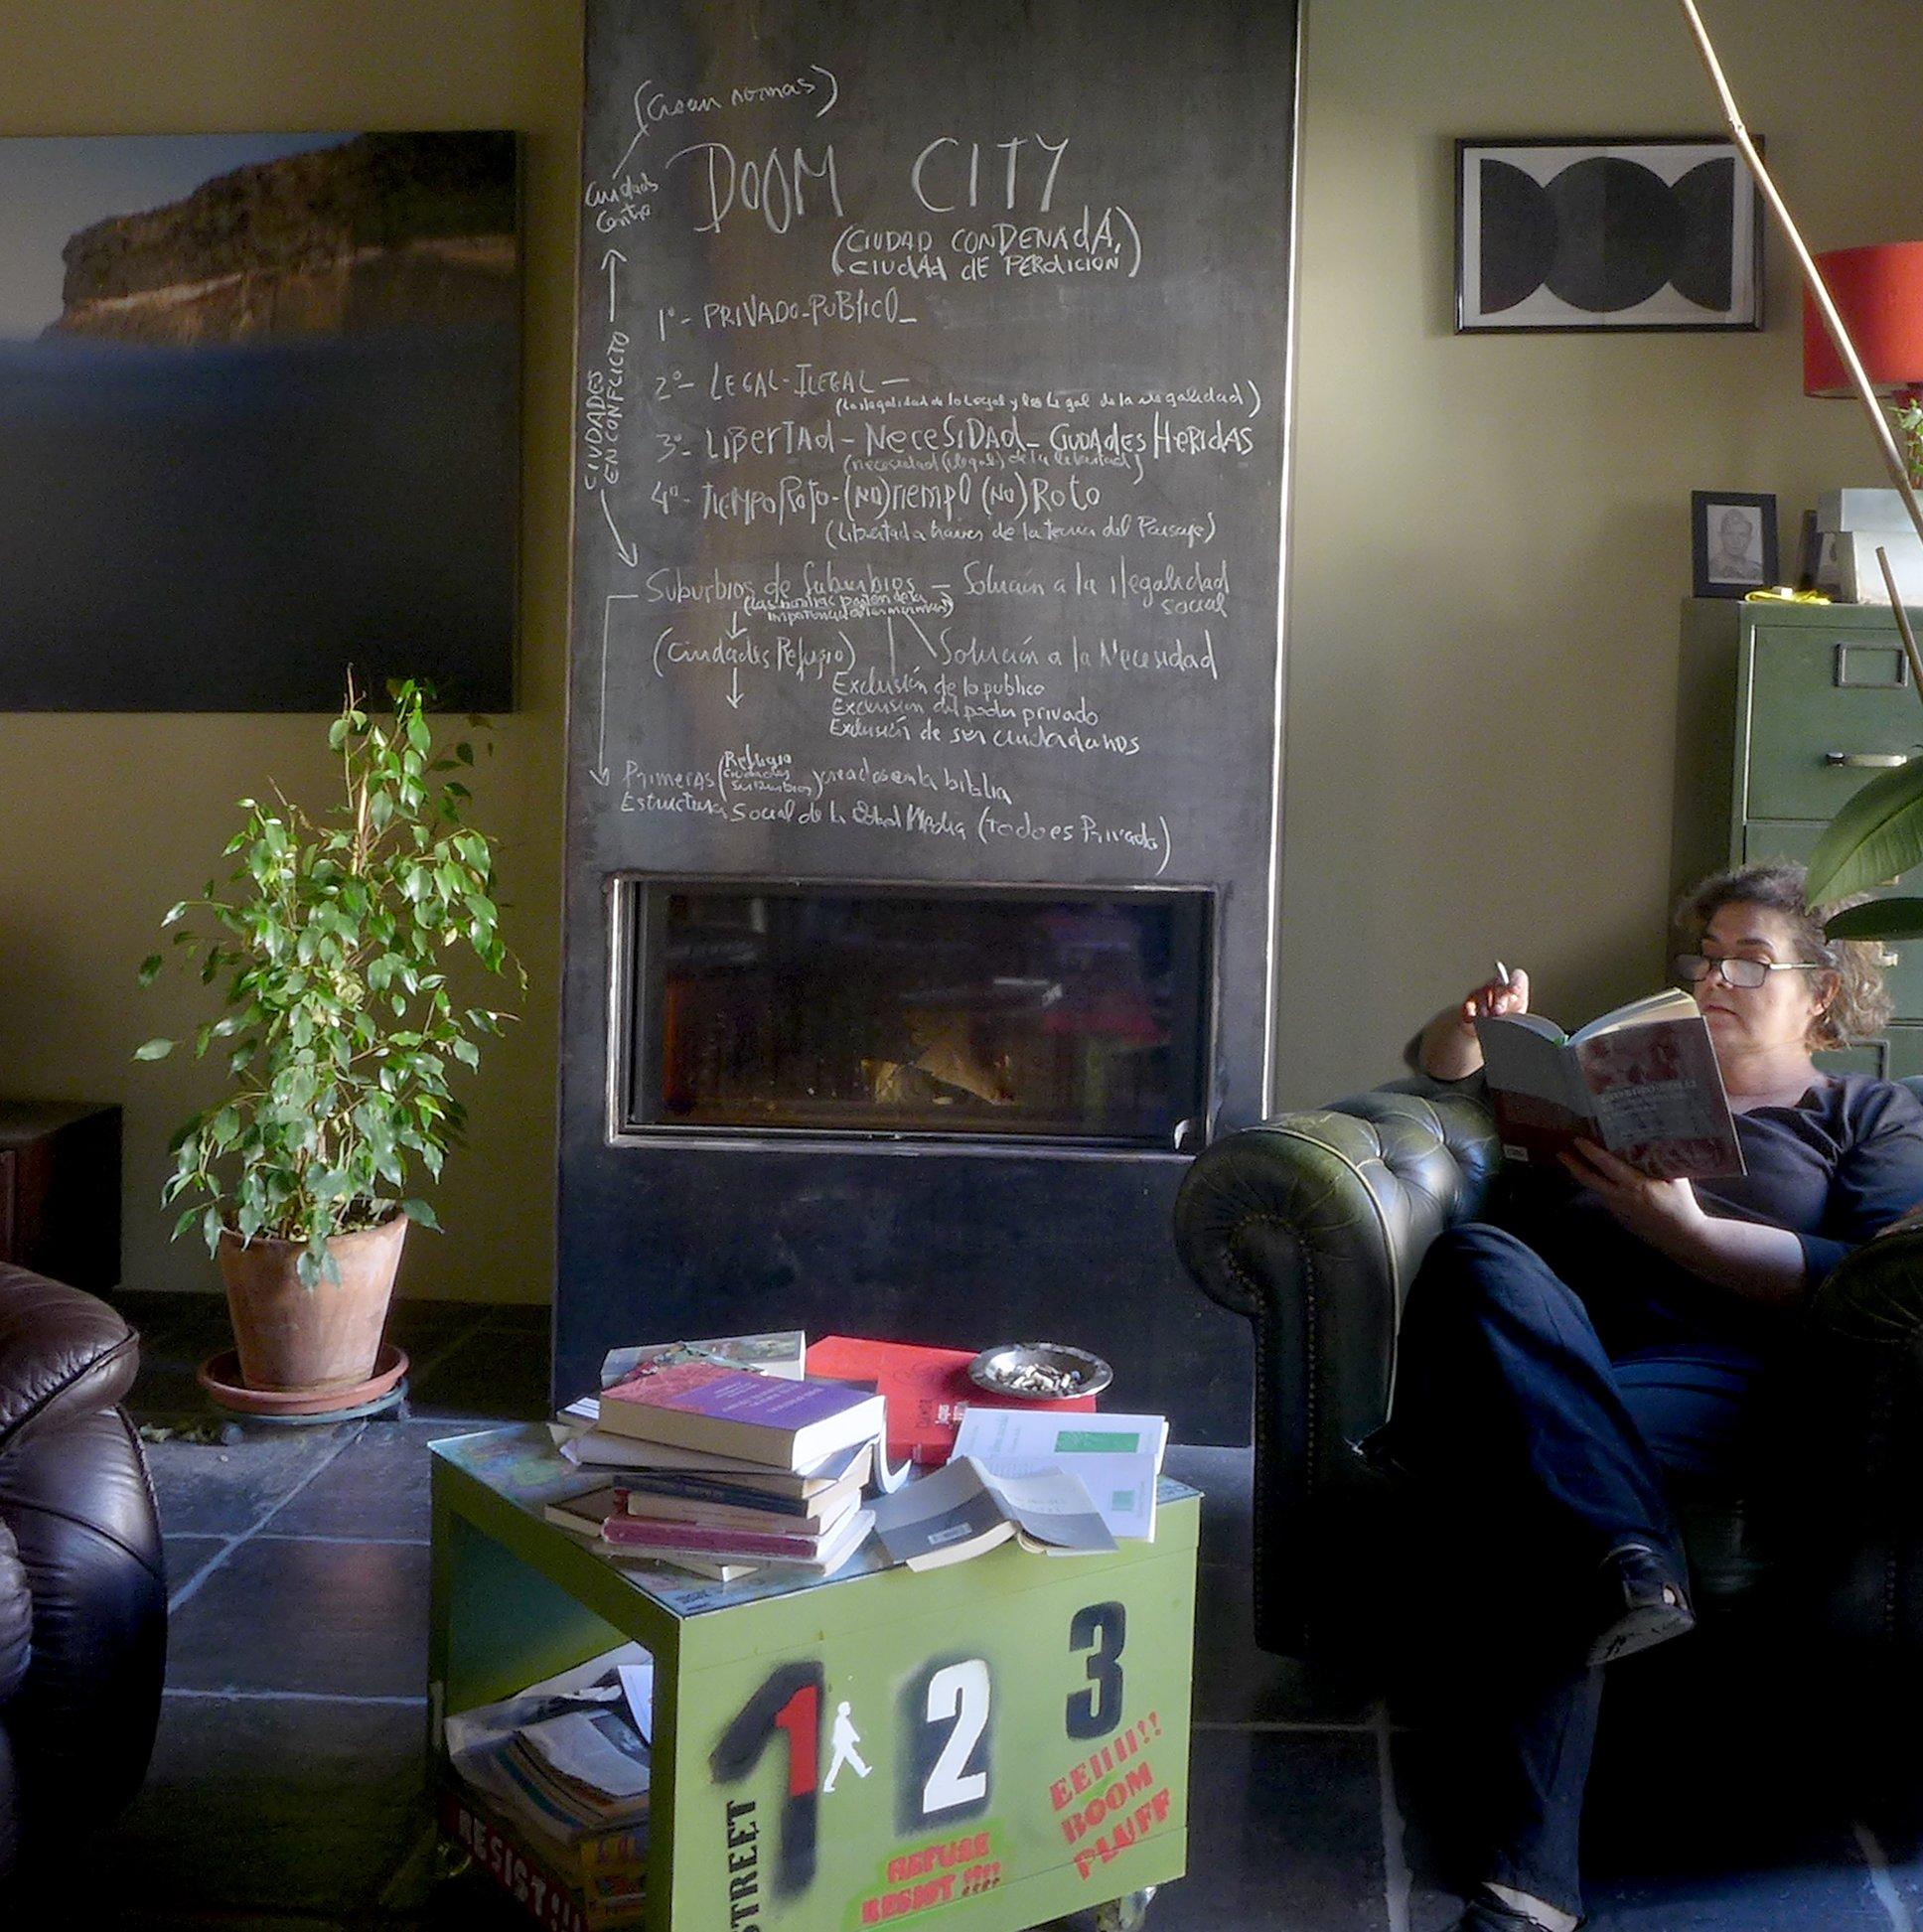 Montse sentada en un sillón en una esquina del salón de su casa. En el fondo una chimenea con una pizarra encima llena de anotaciones, como en un plan de trabajo. En primer plano una mesa cúbica con diversos objetosaAl fronte e o r -fot